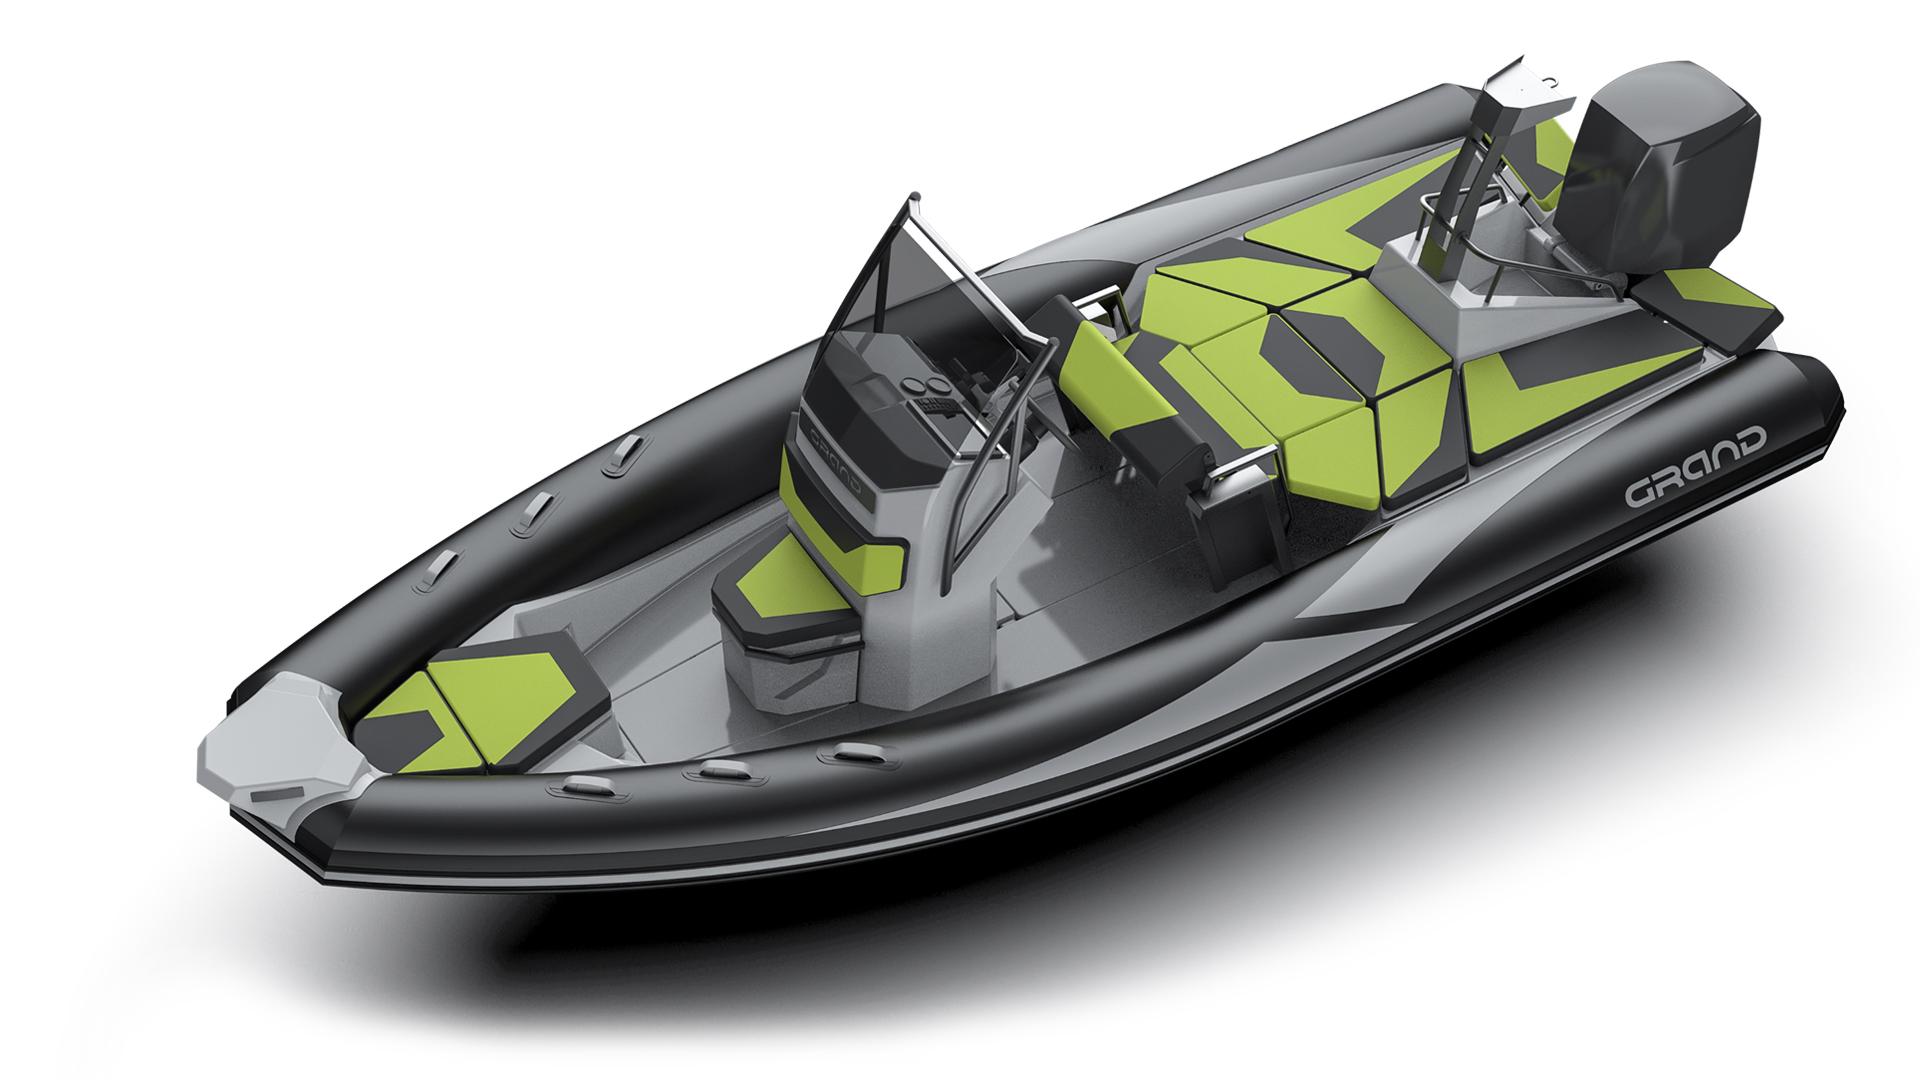 GRAND Drive D600, Drive D600, GRAND D600, D600, grand d600, GRAND DRIVE D600, надувная лодка с жестким дном, надувная лодка GRAND, надувная лодка ГРАНД